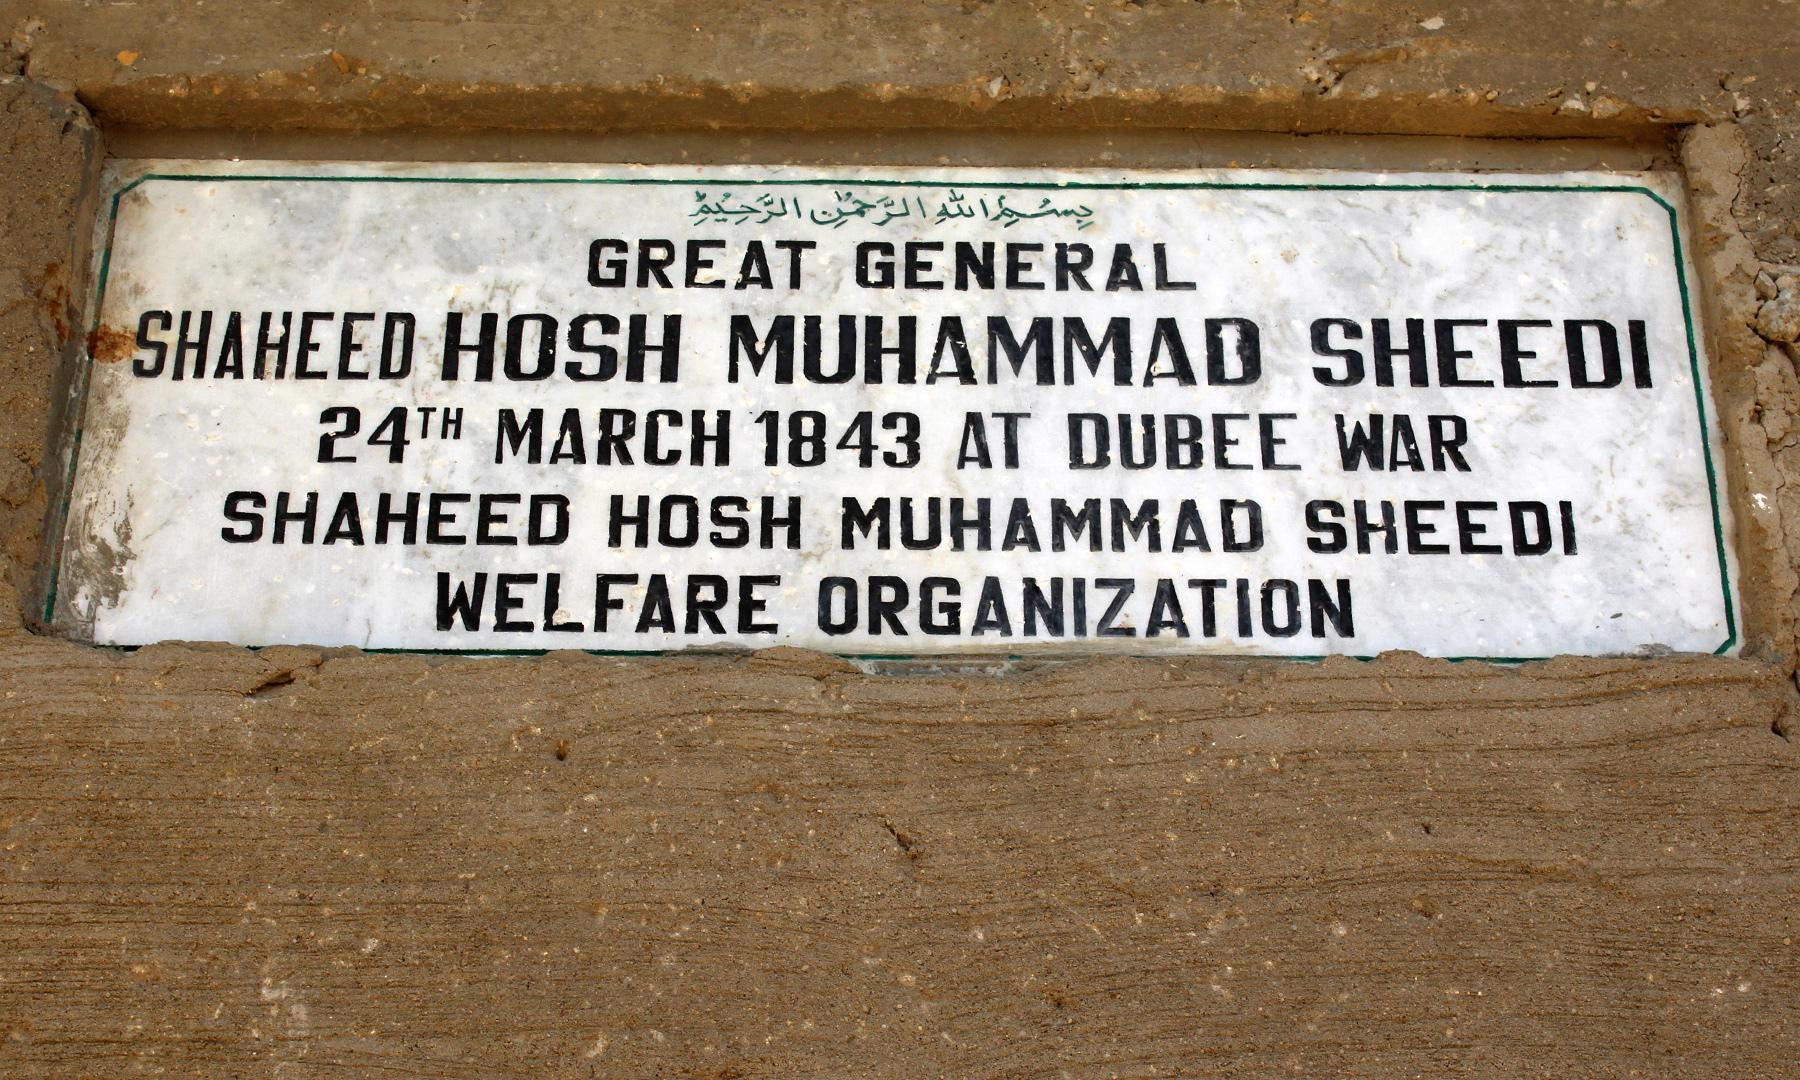 ہوشو شیدی کے نام سے منسوب فلاحی تنظیم کی طرف سے نصب شدہ عقیدت مندانہ تختی — تصویر اختر حفیظ